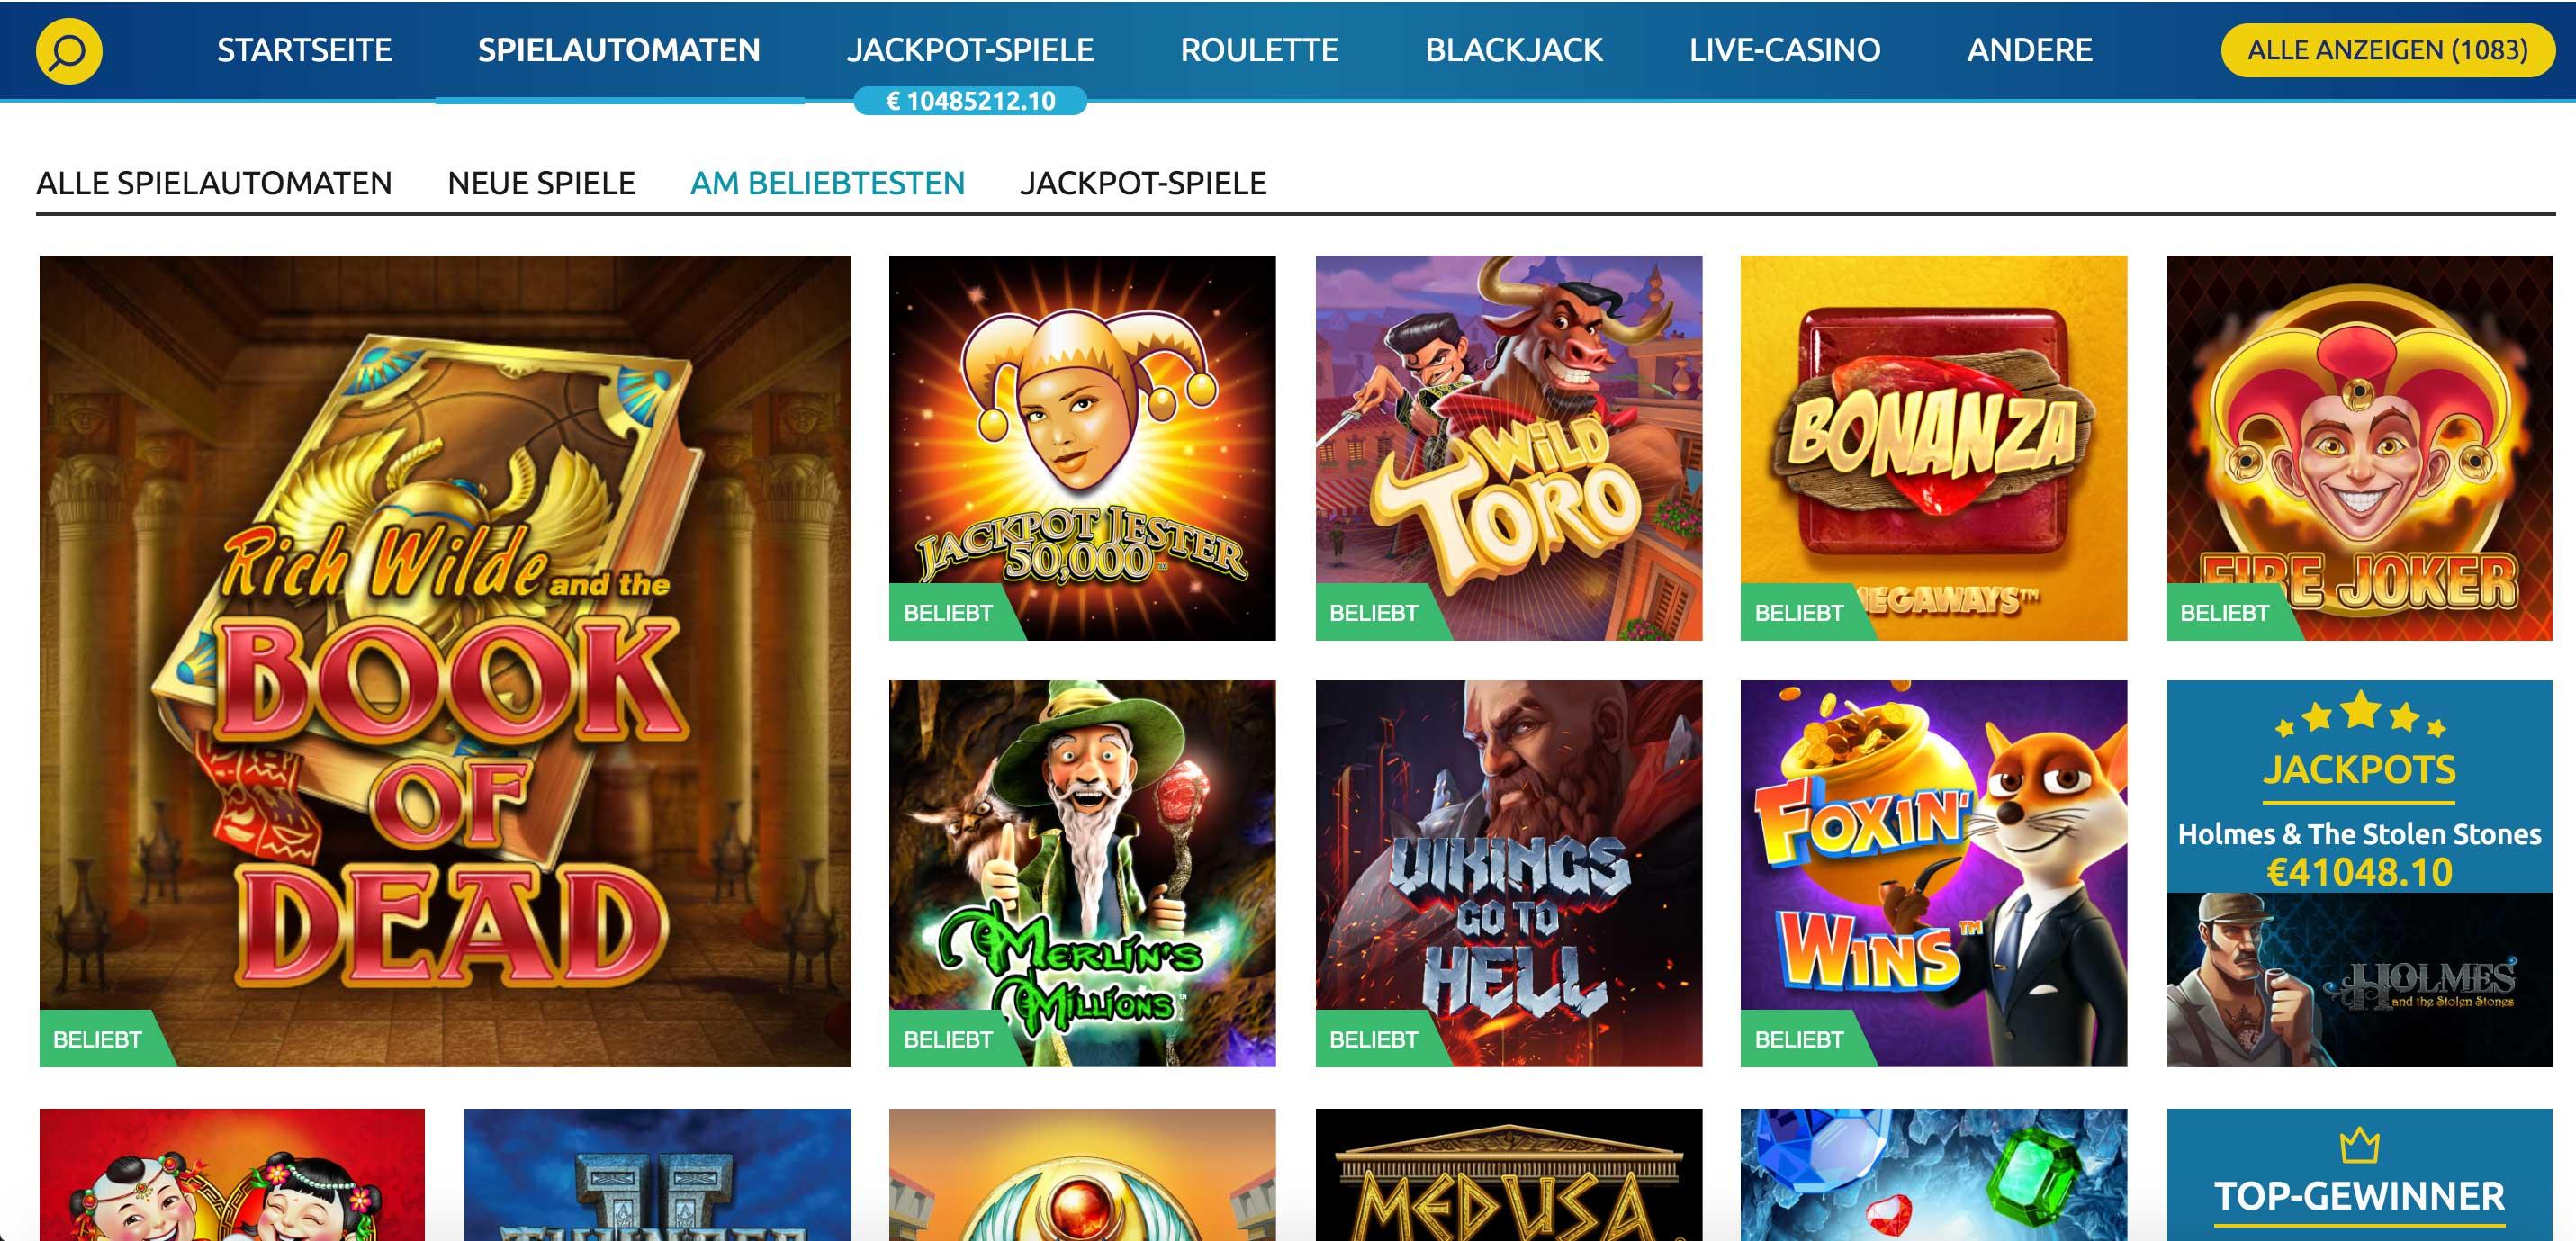 Casino Tischspiele und Spielautomaten